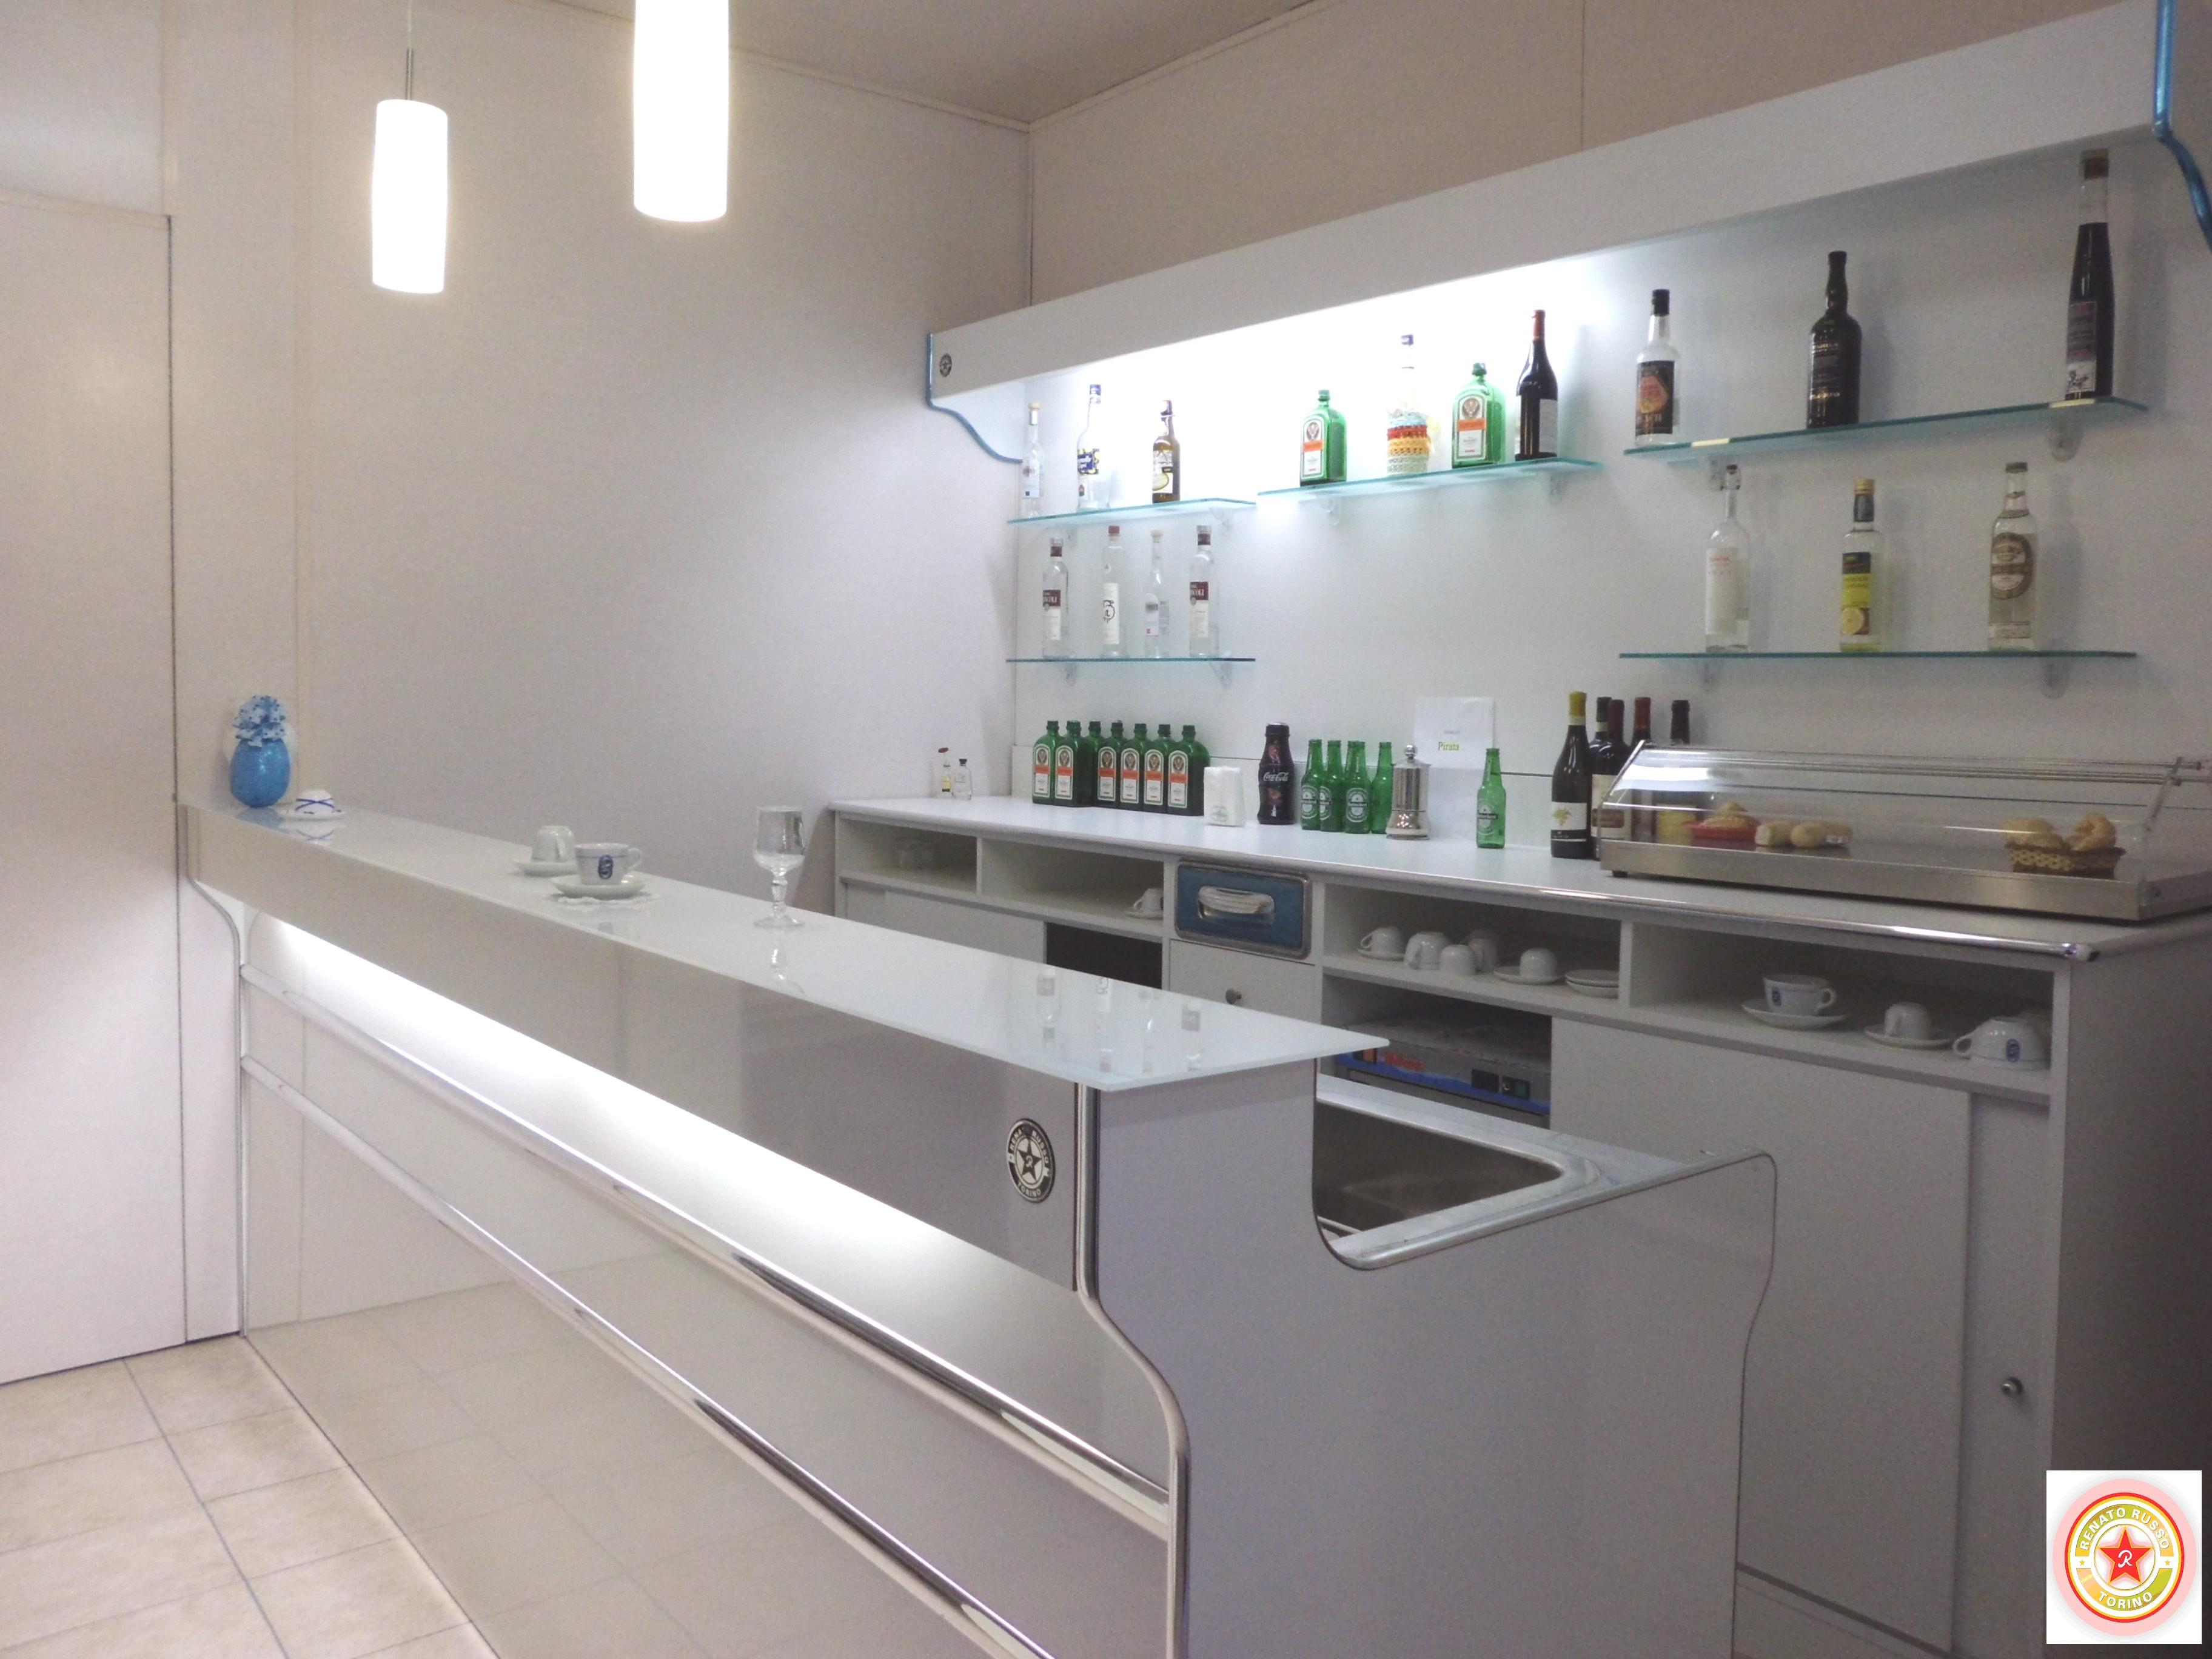 Banchi bar compra in fabbrica a met prezzo novit bar for Banchi bar e arredamenti completi